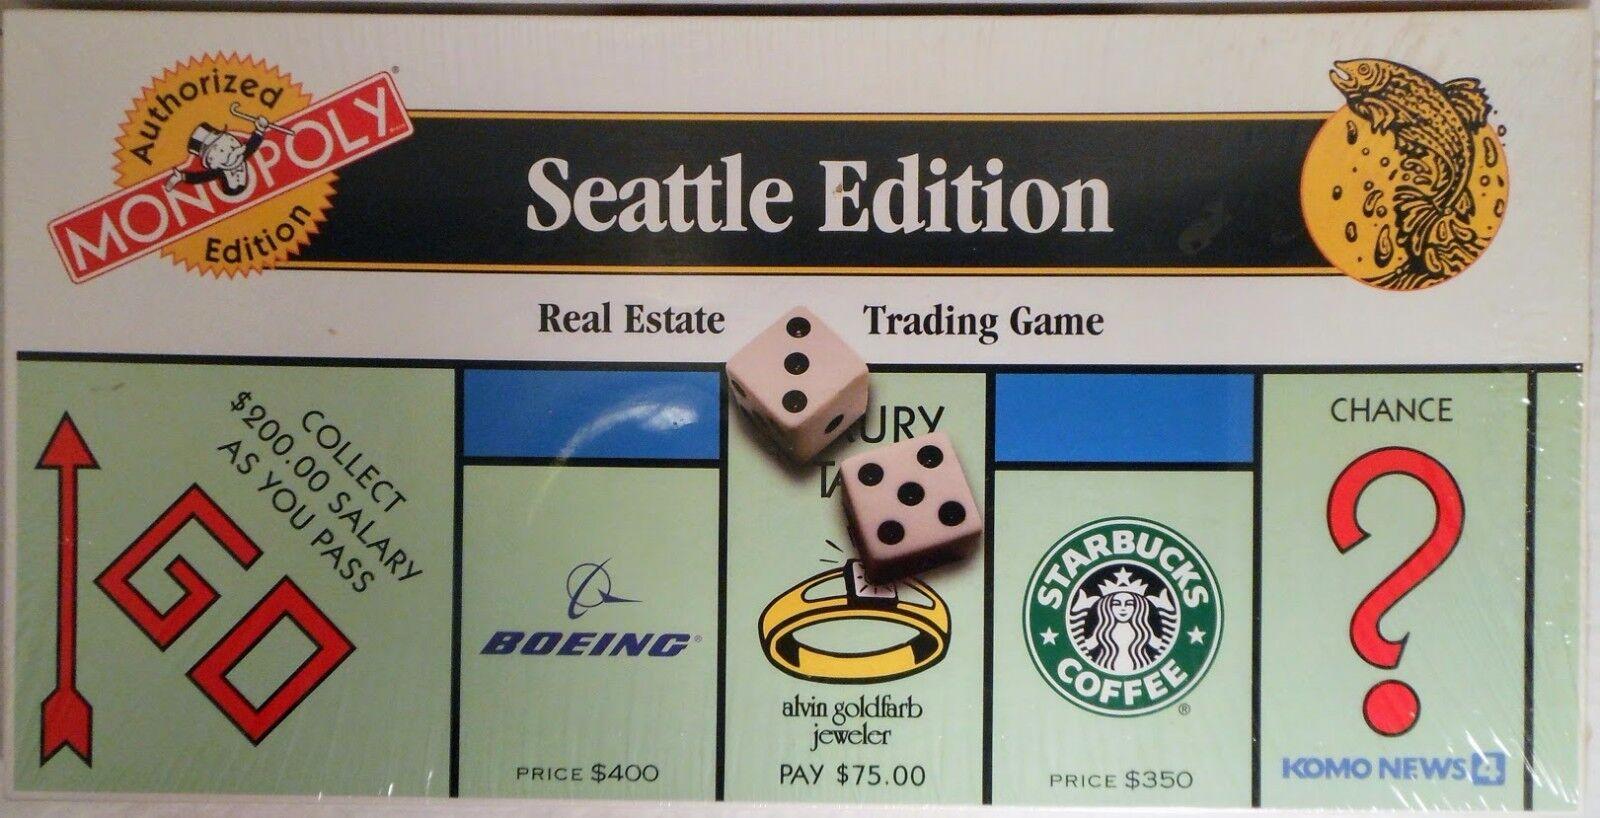 Monopolio Nuevo-Edición autorizado de Seattle (1997 Usaopoly) Envío urgente Gratuito